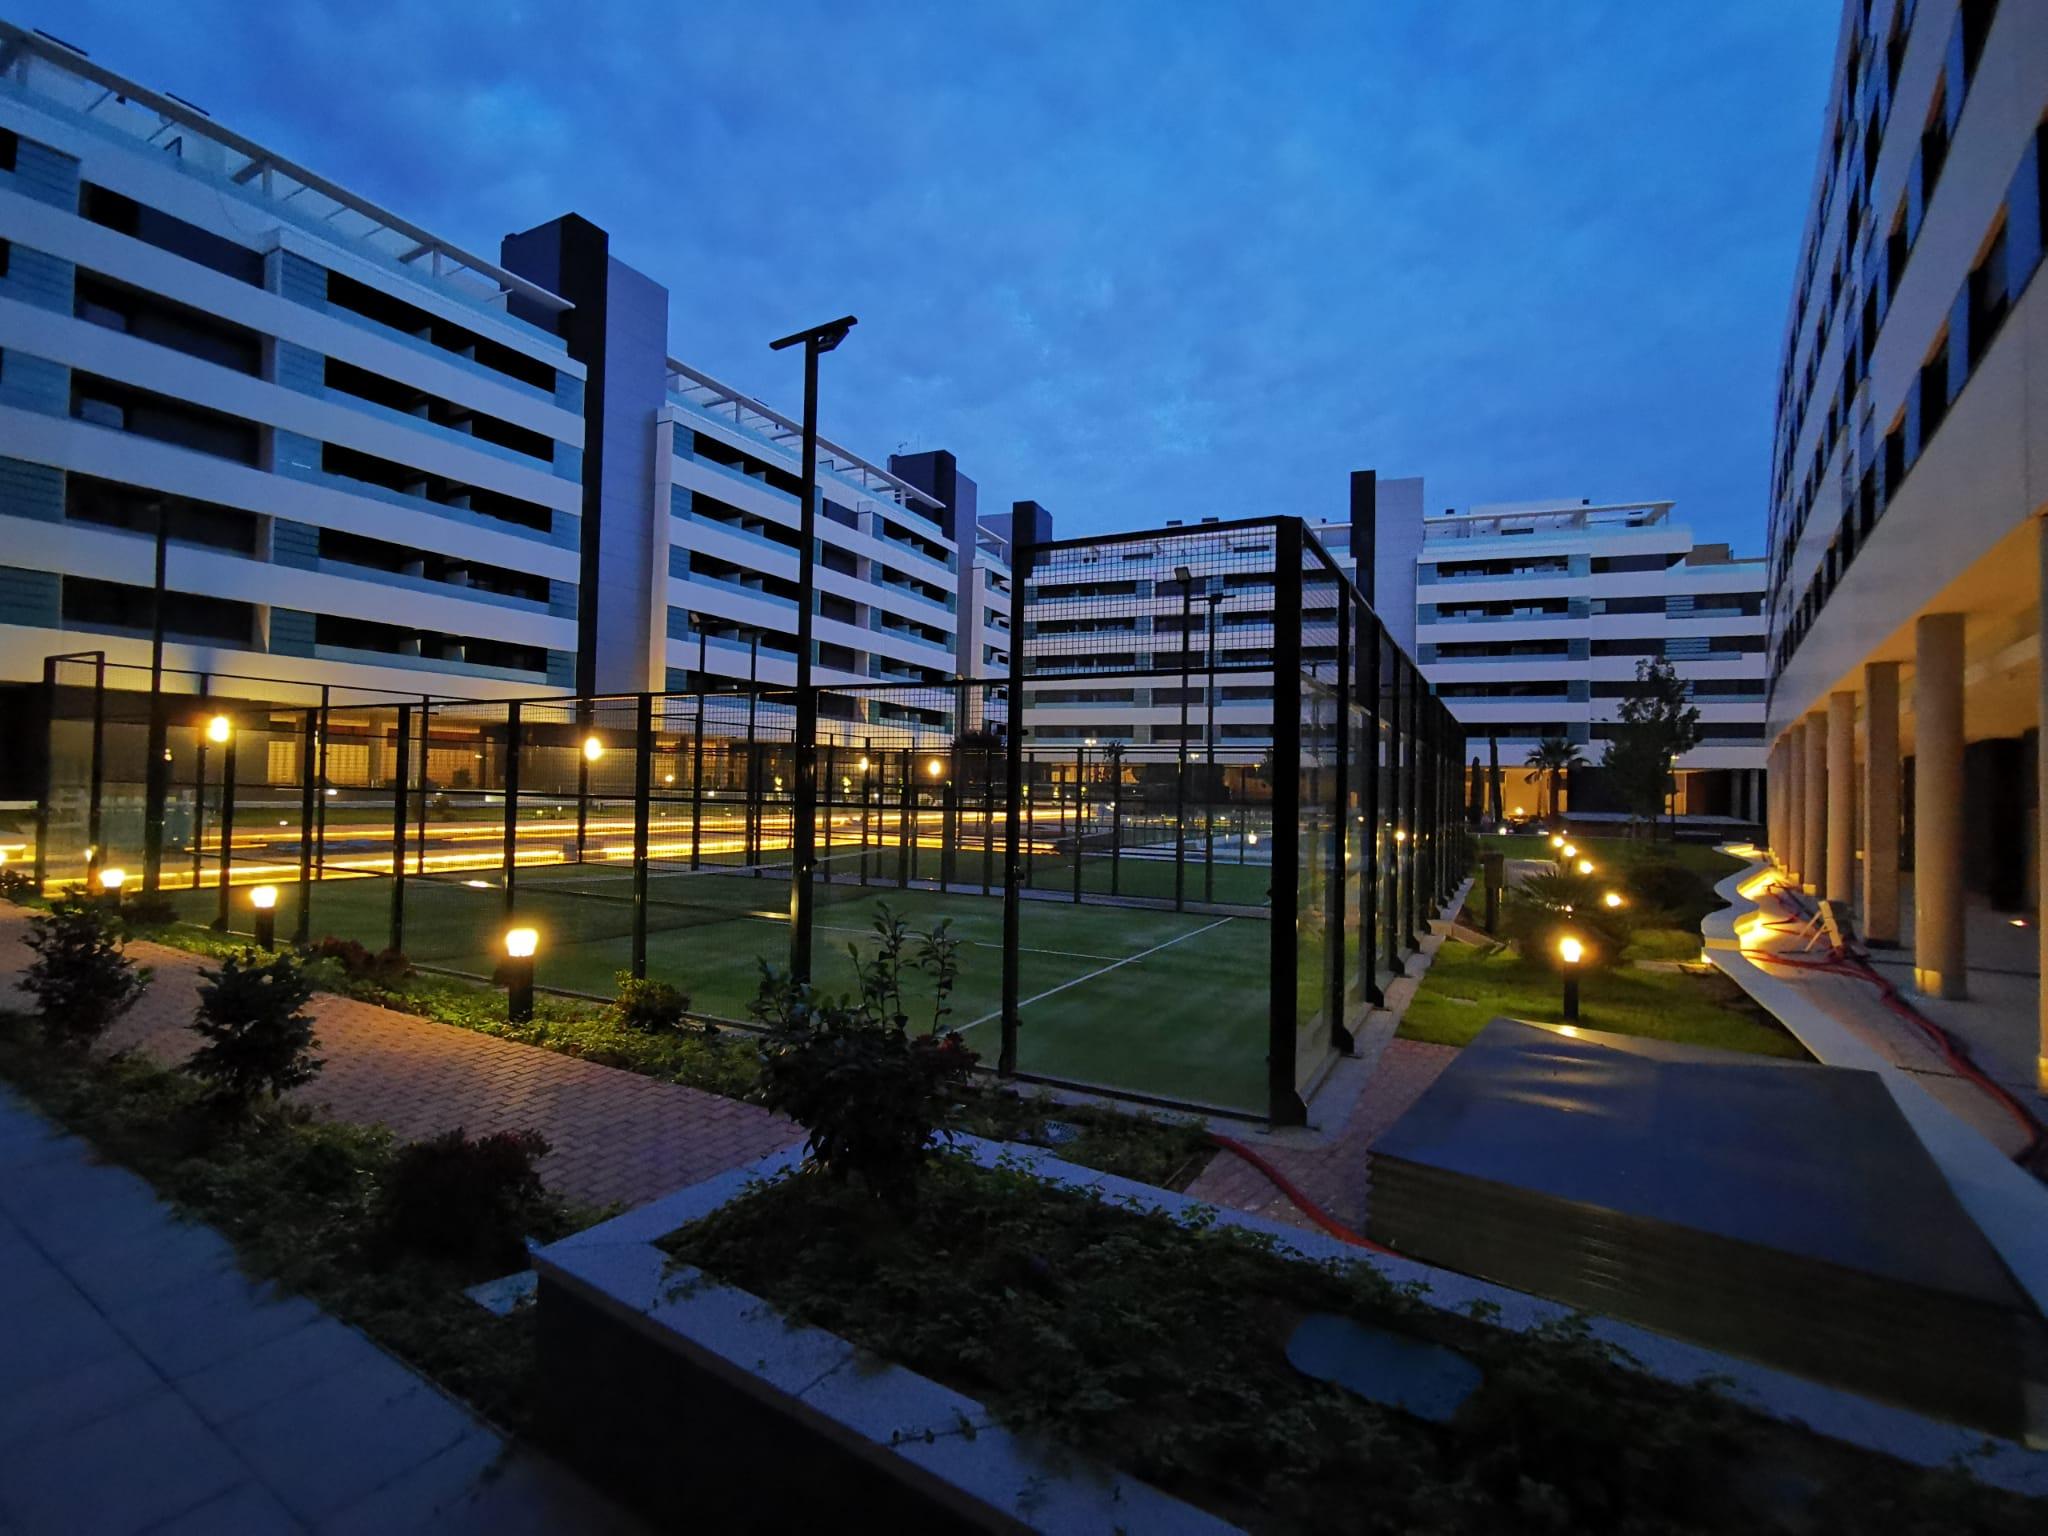 Residencial Shopping Center